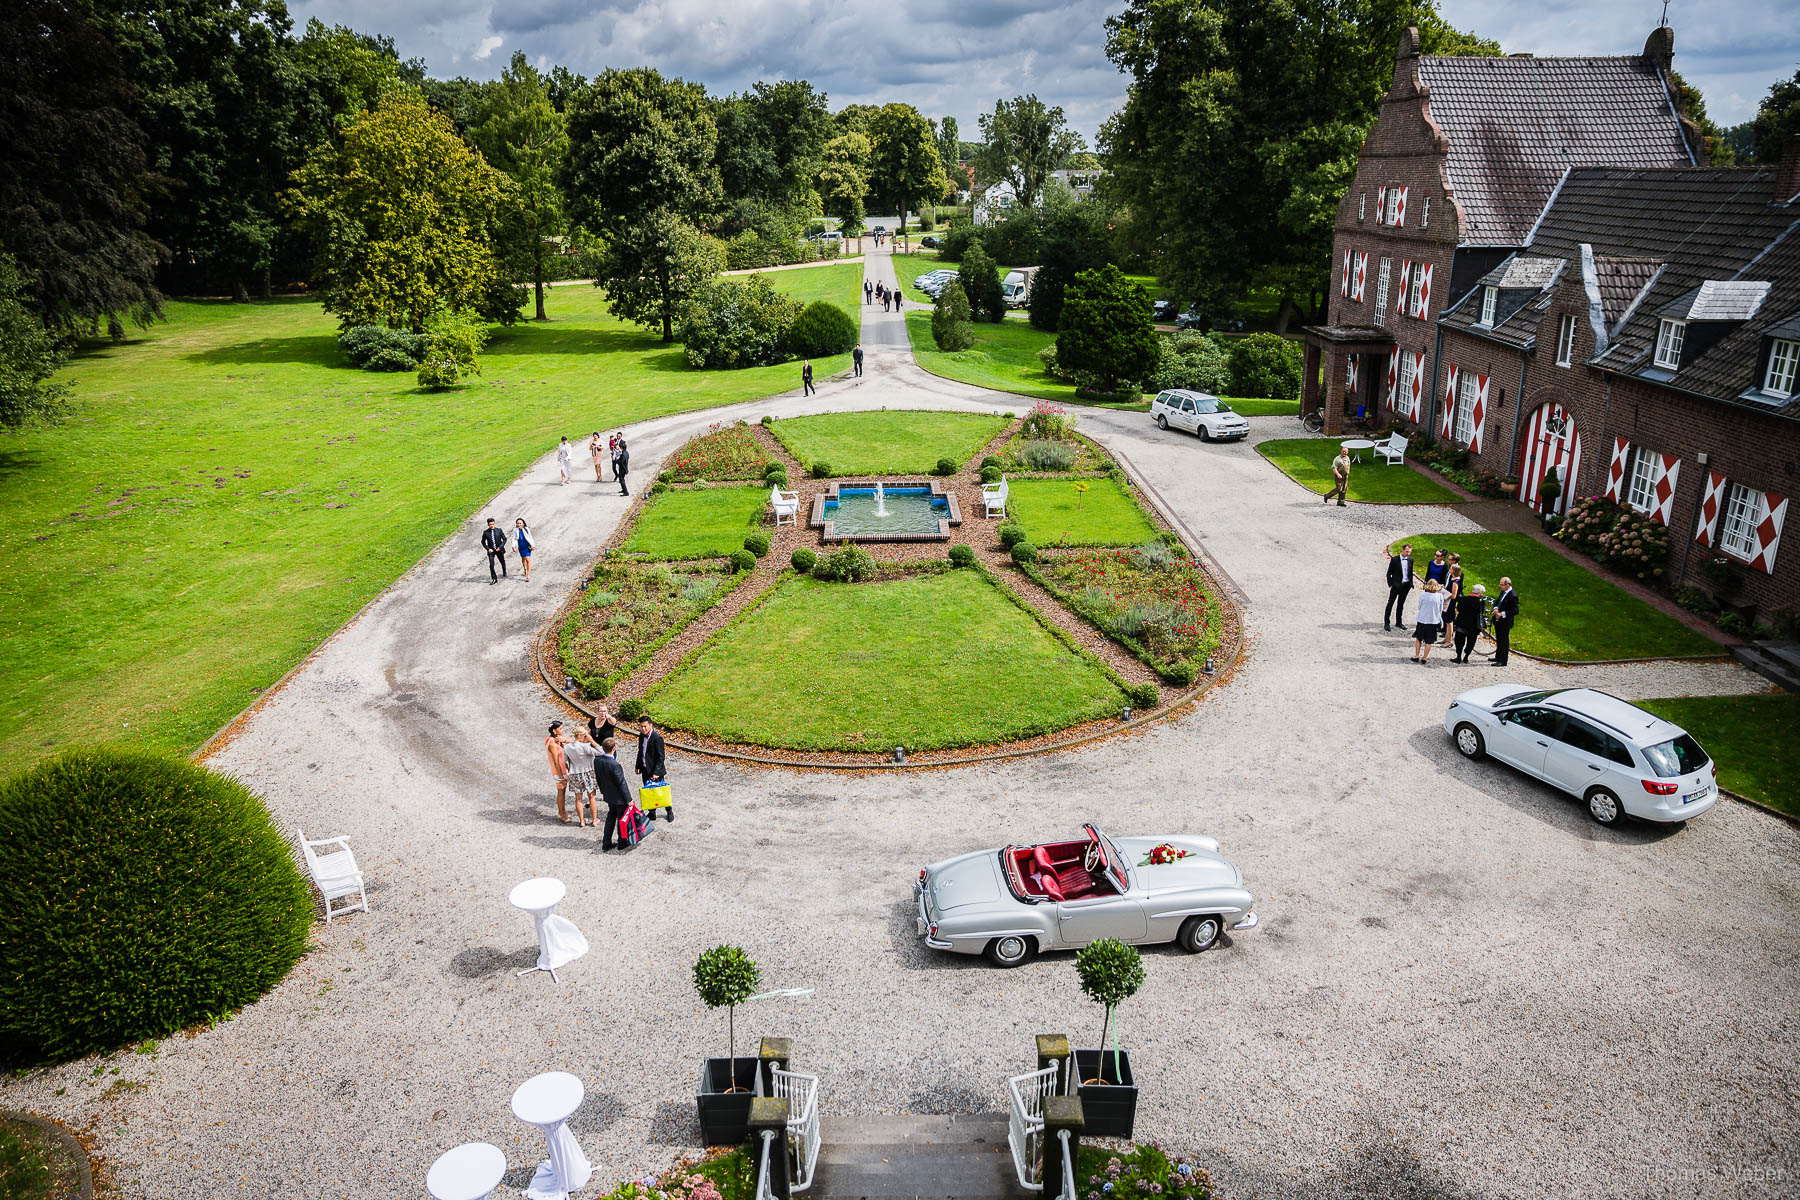 Hochzeitsreportage einer Schlosshochzeit auf der Schlossruine Hertefeld in Weeze, Hochzeitsfotograf Ostfriesland